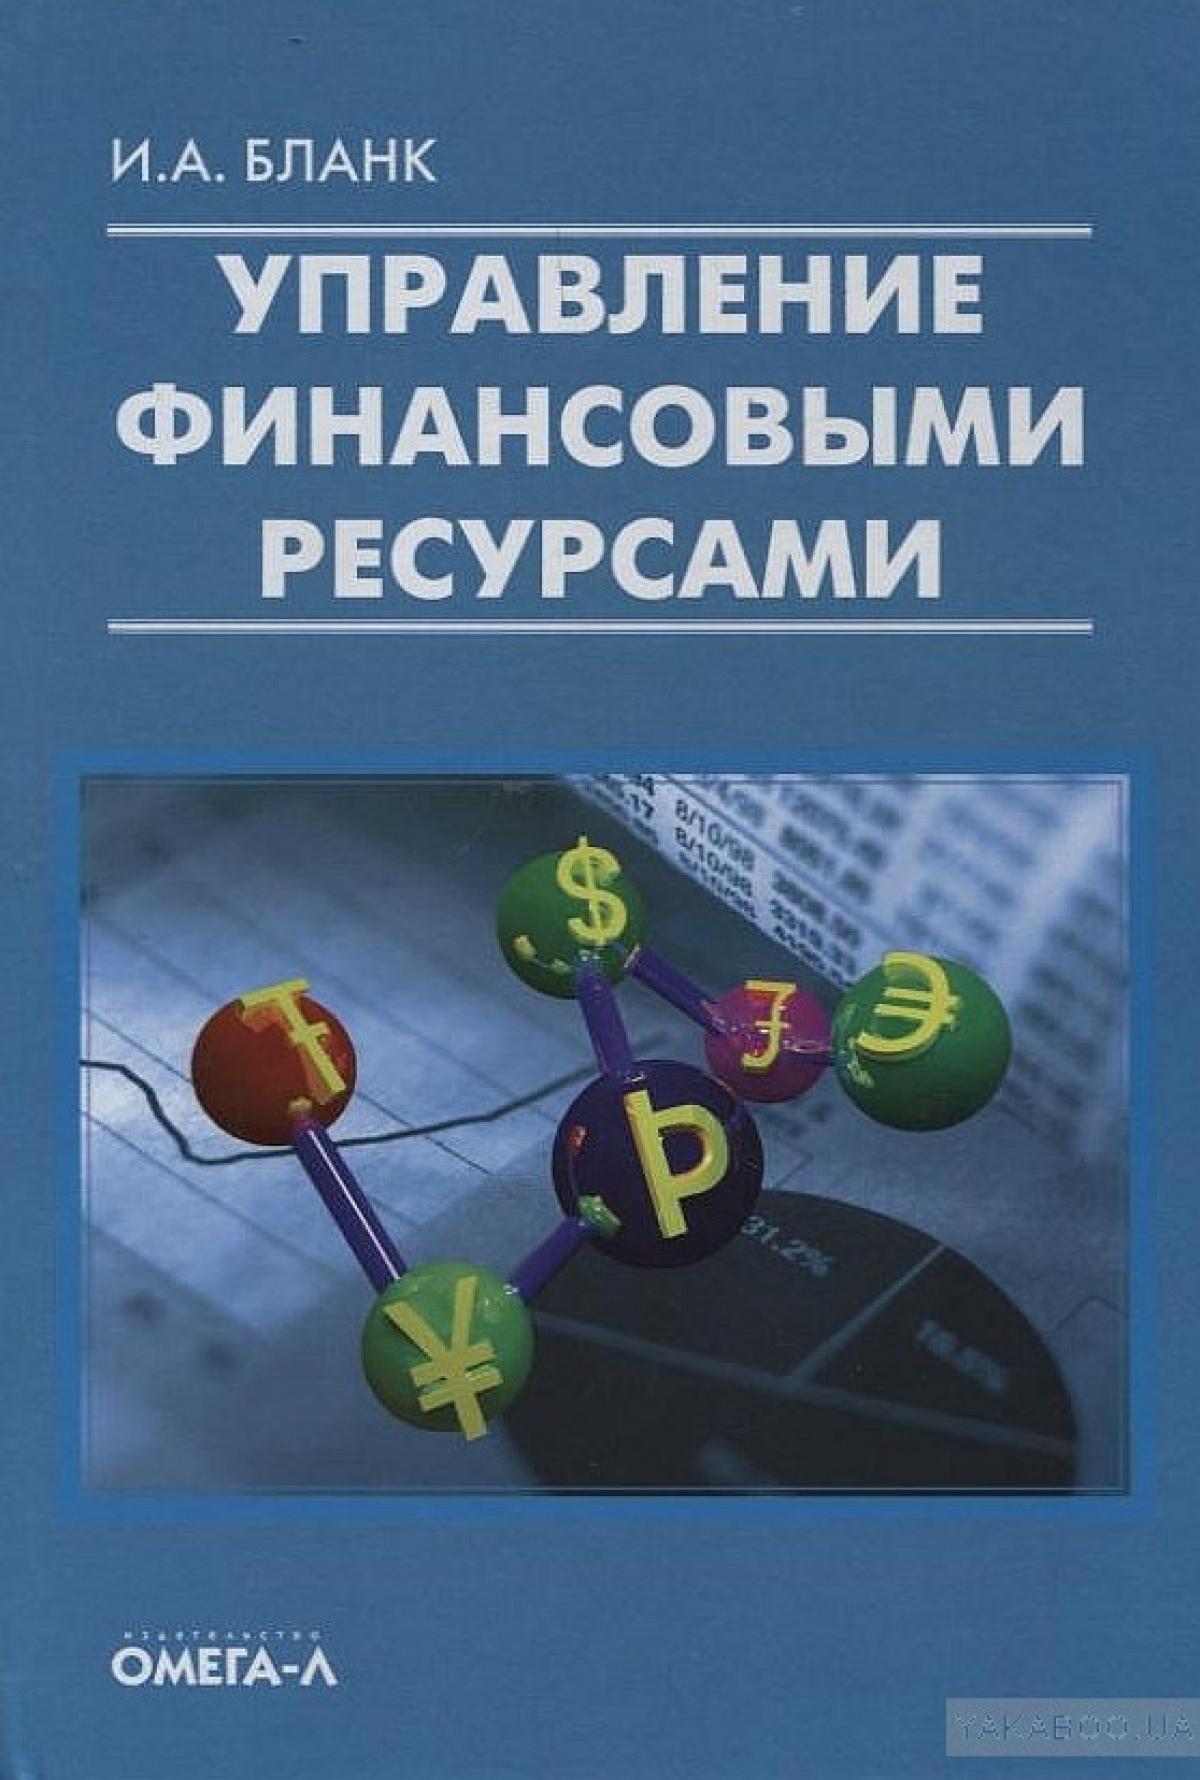 Обложка книги:  бланк и.а. - управление финансовыми ресурсами